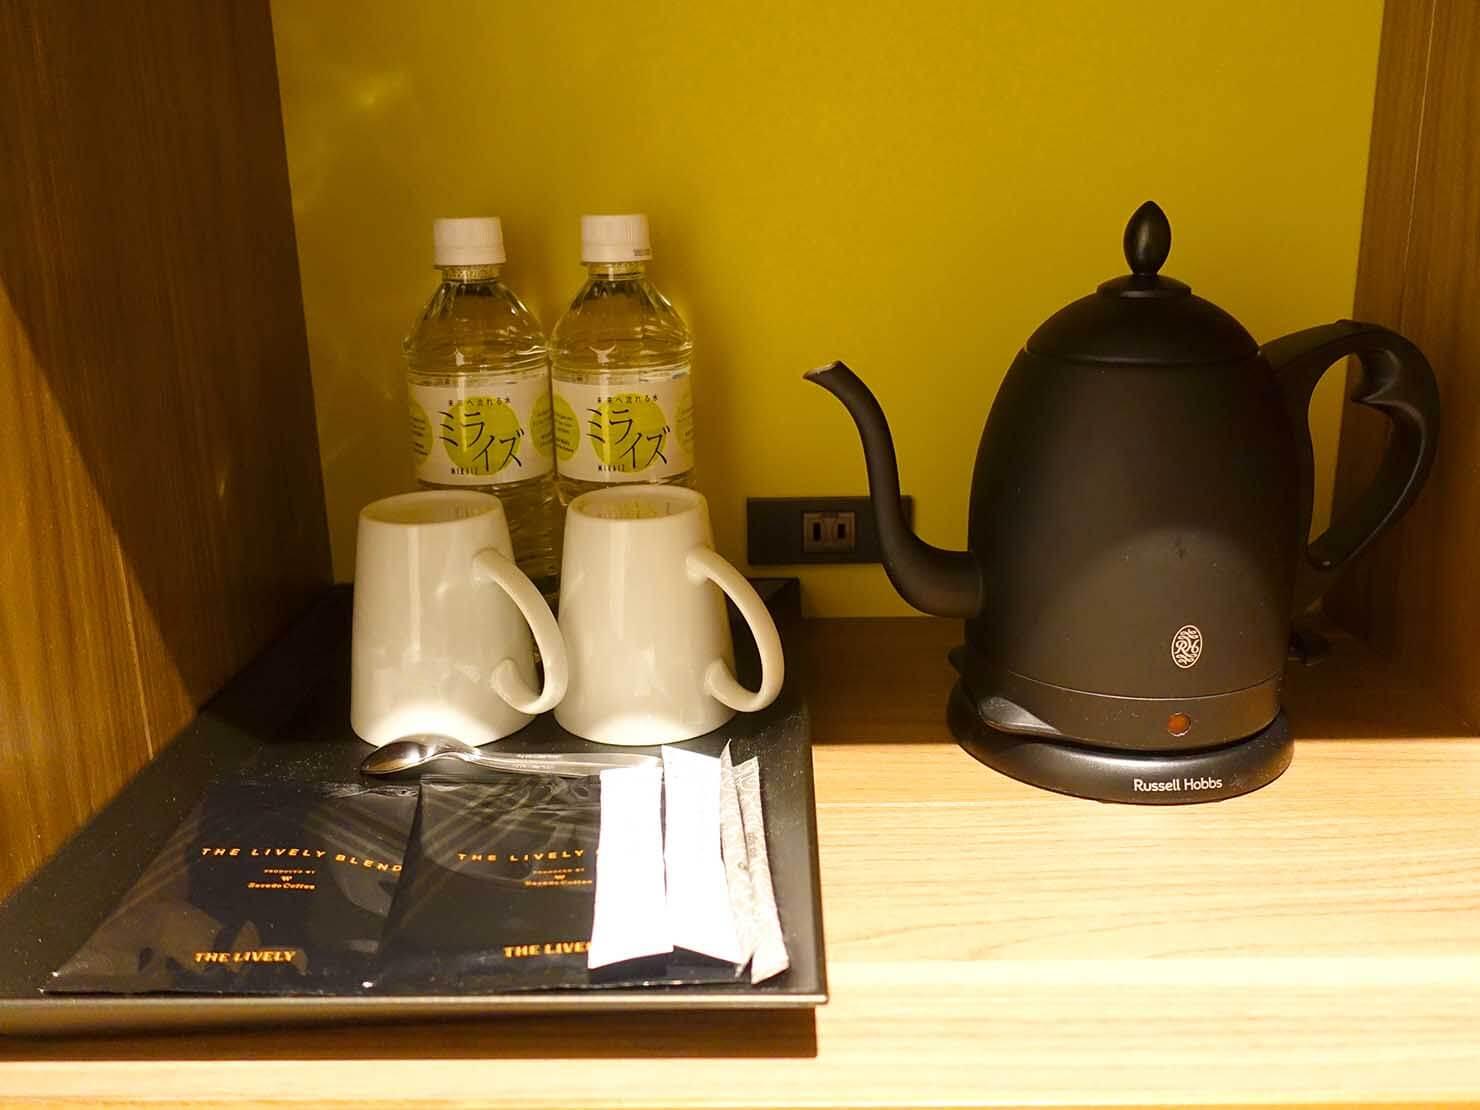 福岡・中洲川端にあるおしゃれなおすすめホテル「THE LIVELY」スタンダードダブルの棚に置かれたミネラルウォーター